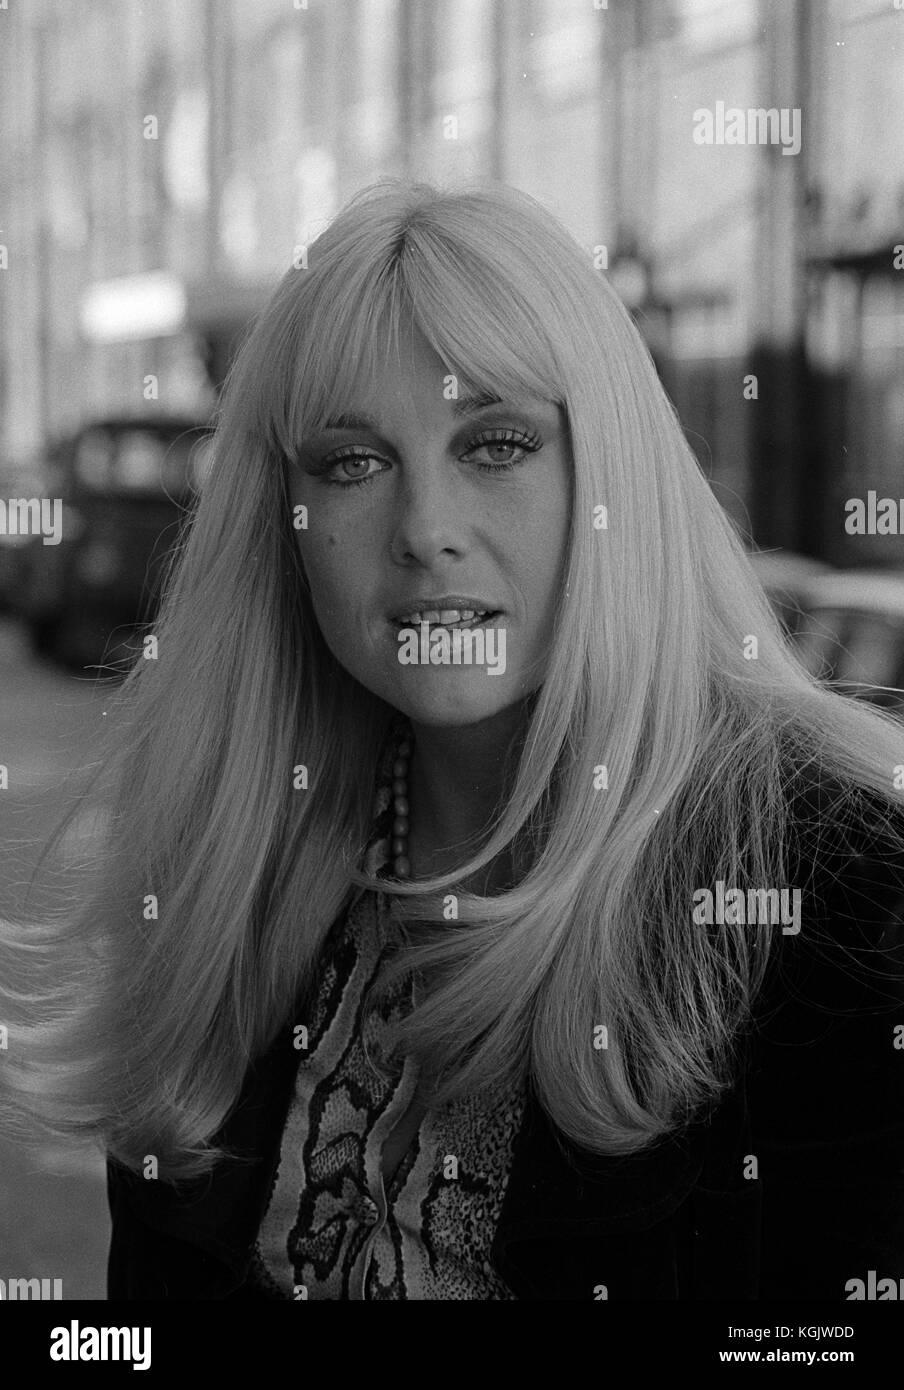 Alfie Darling (1975)     Date: 1975 - Stock Image